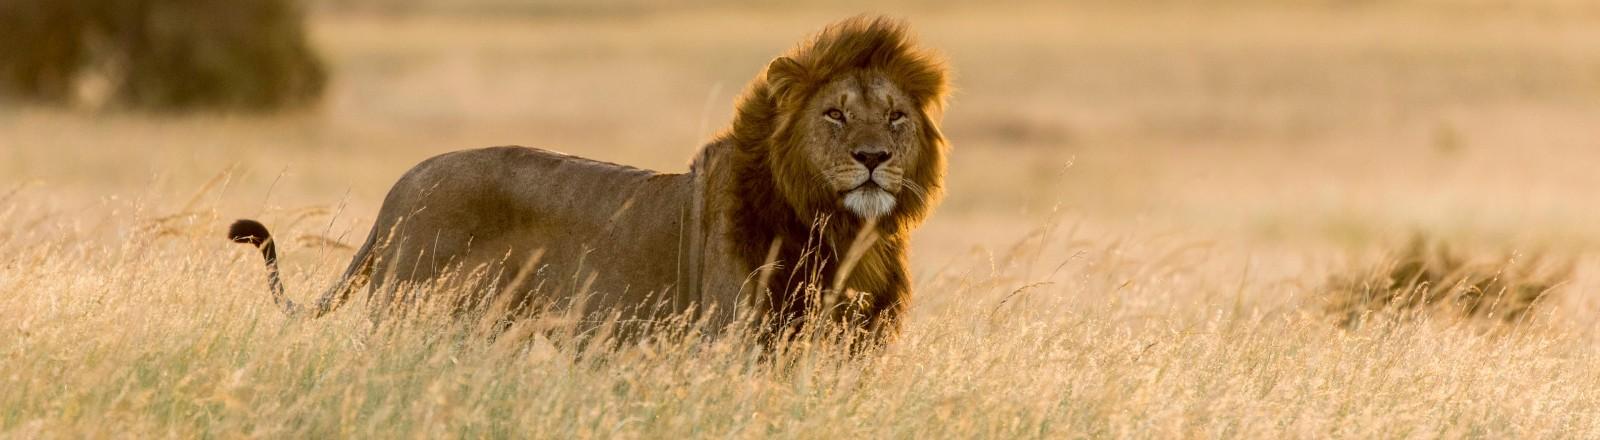 Löwe in Afrika in freier Natur